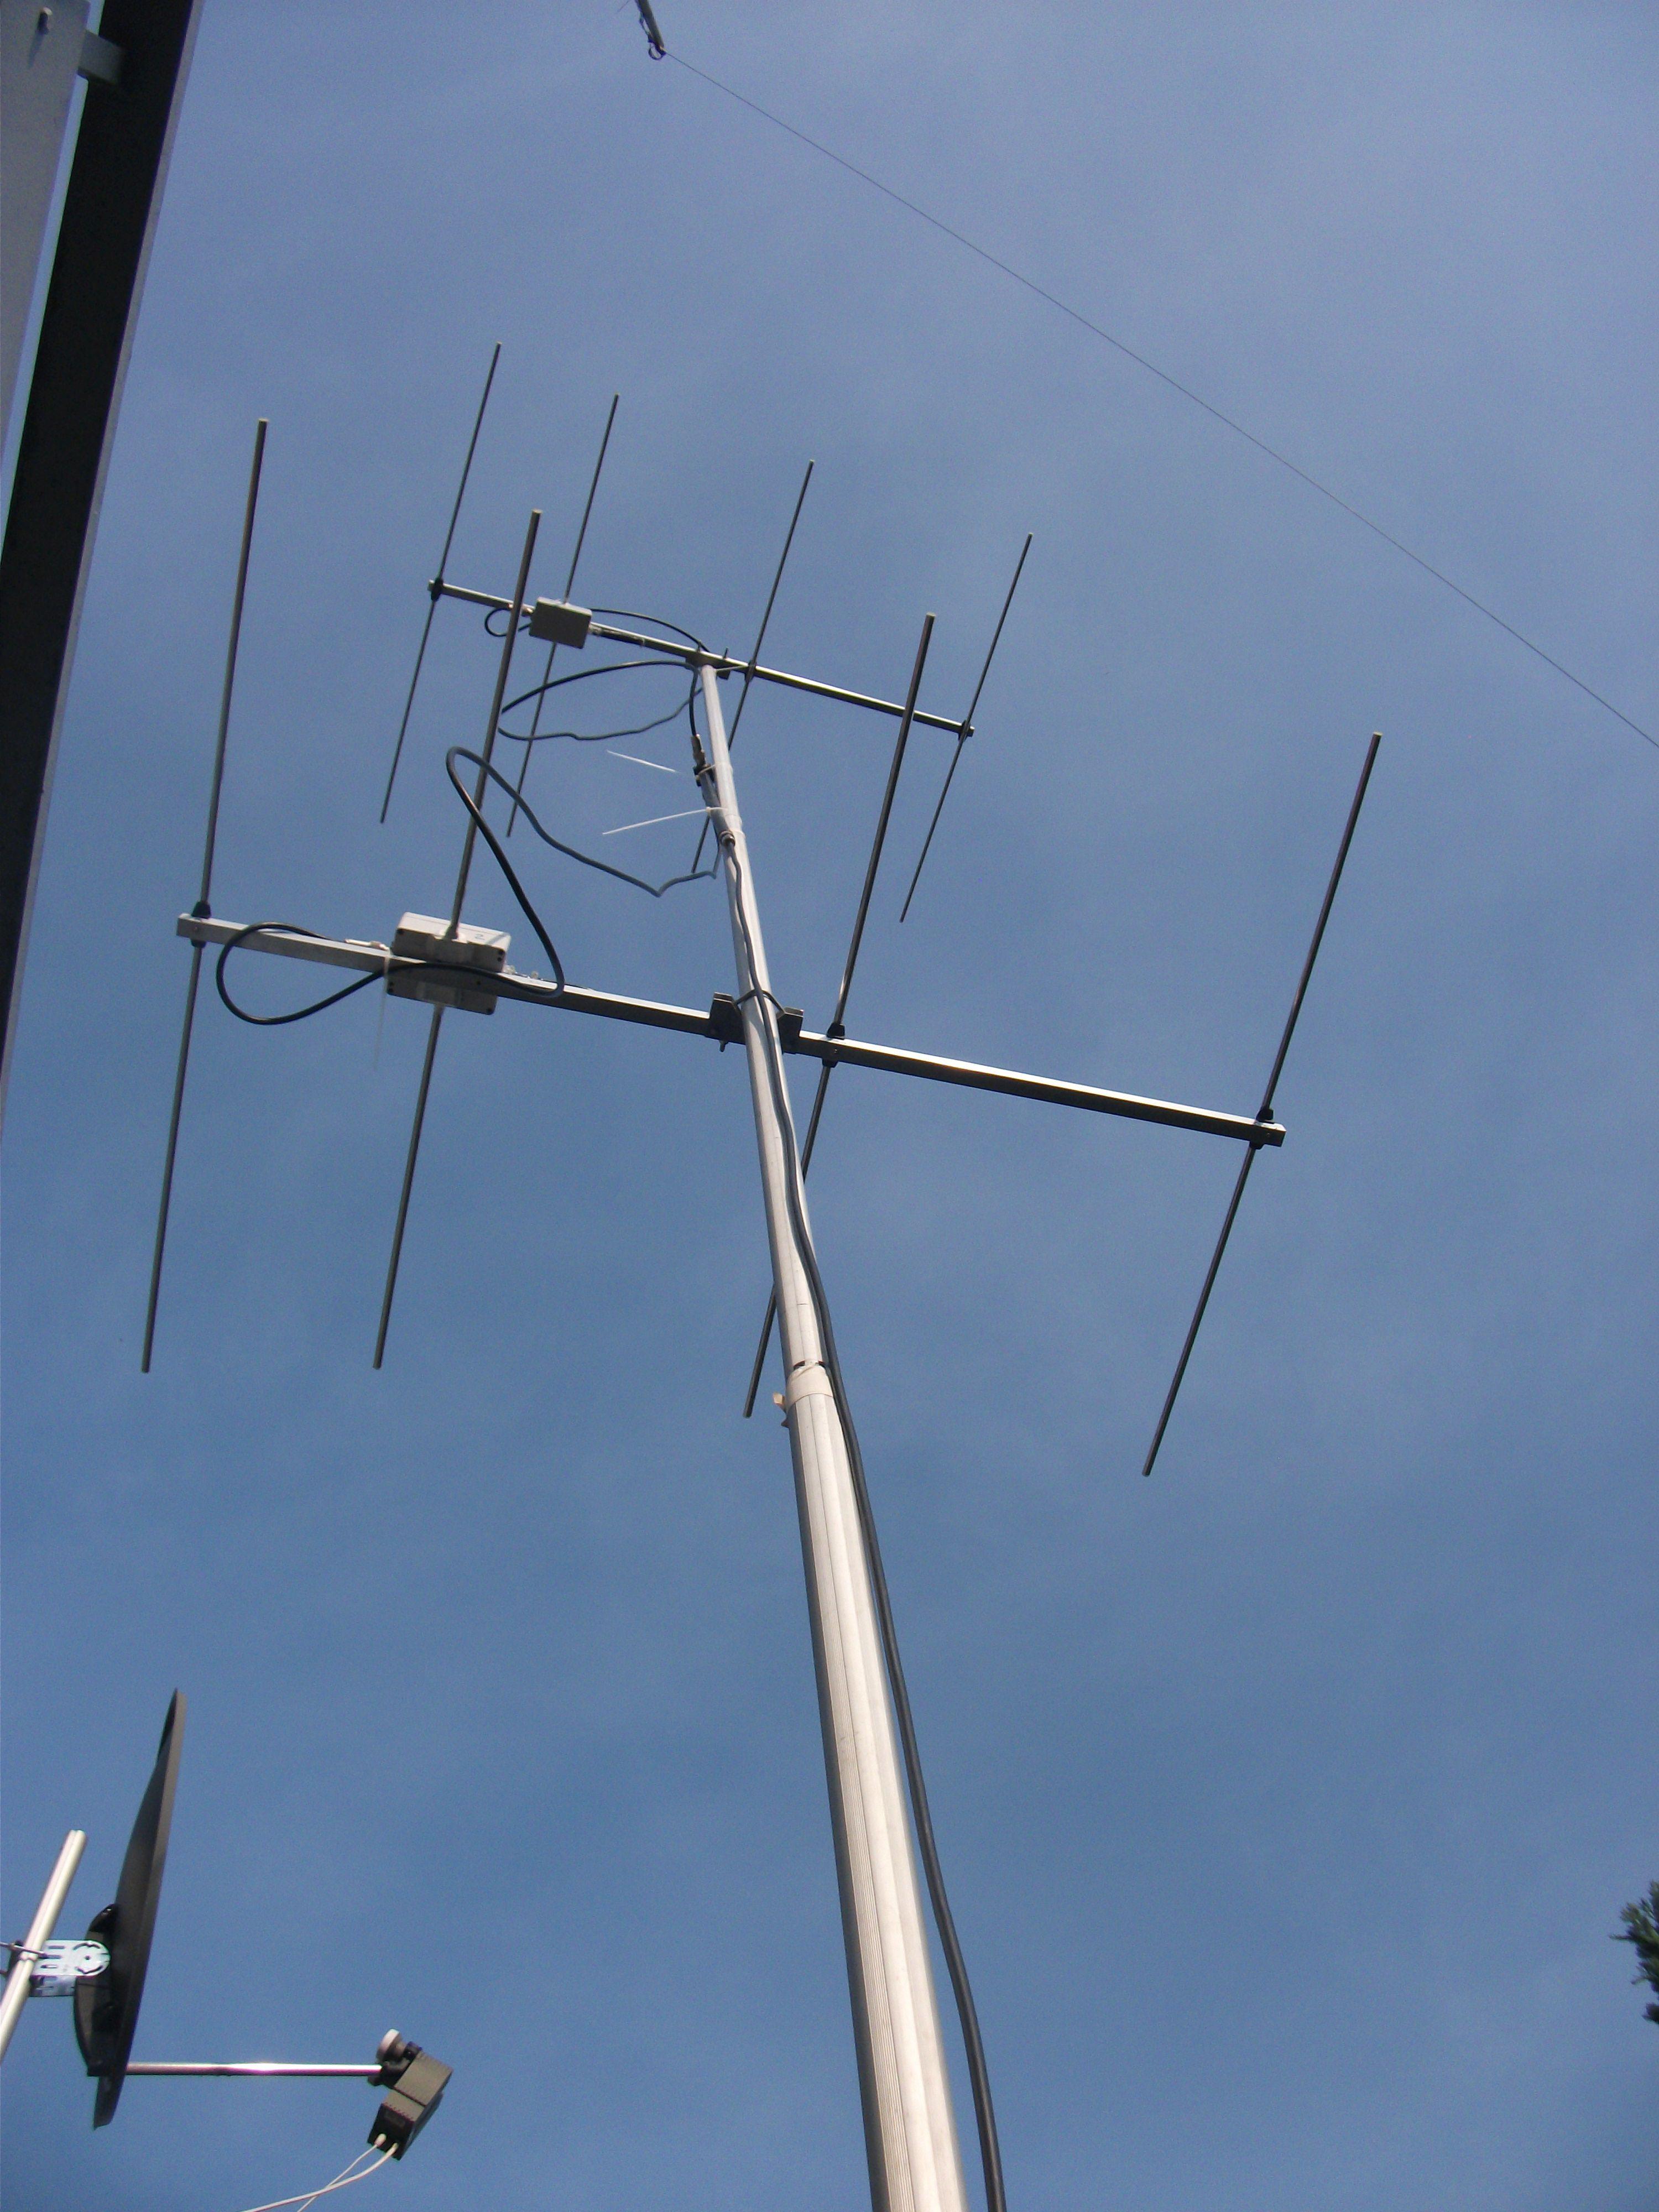 2x4El for 144 MHz